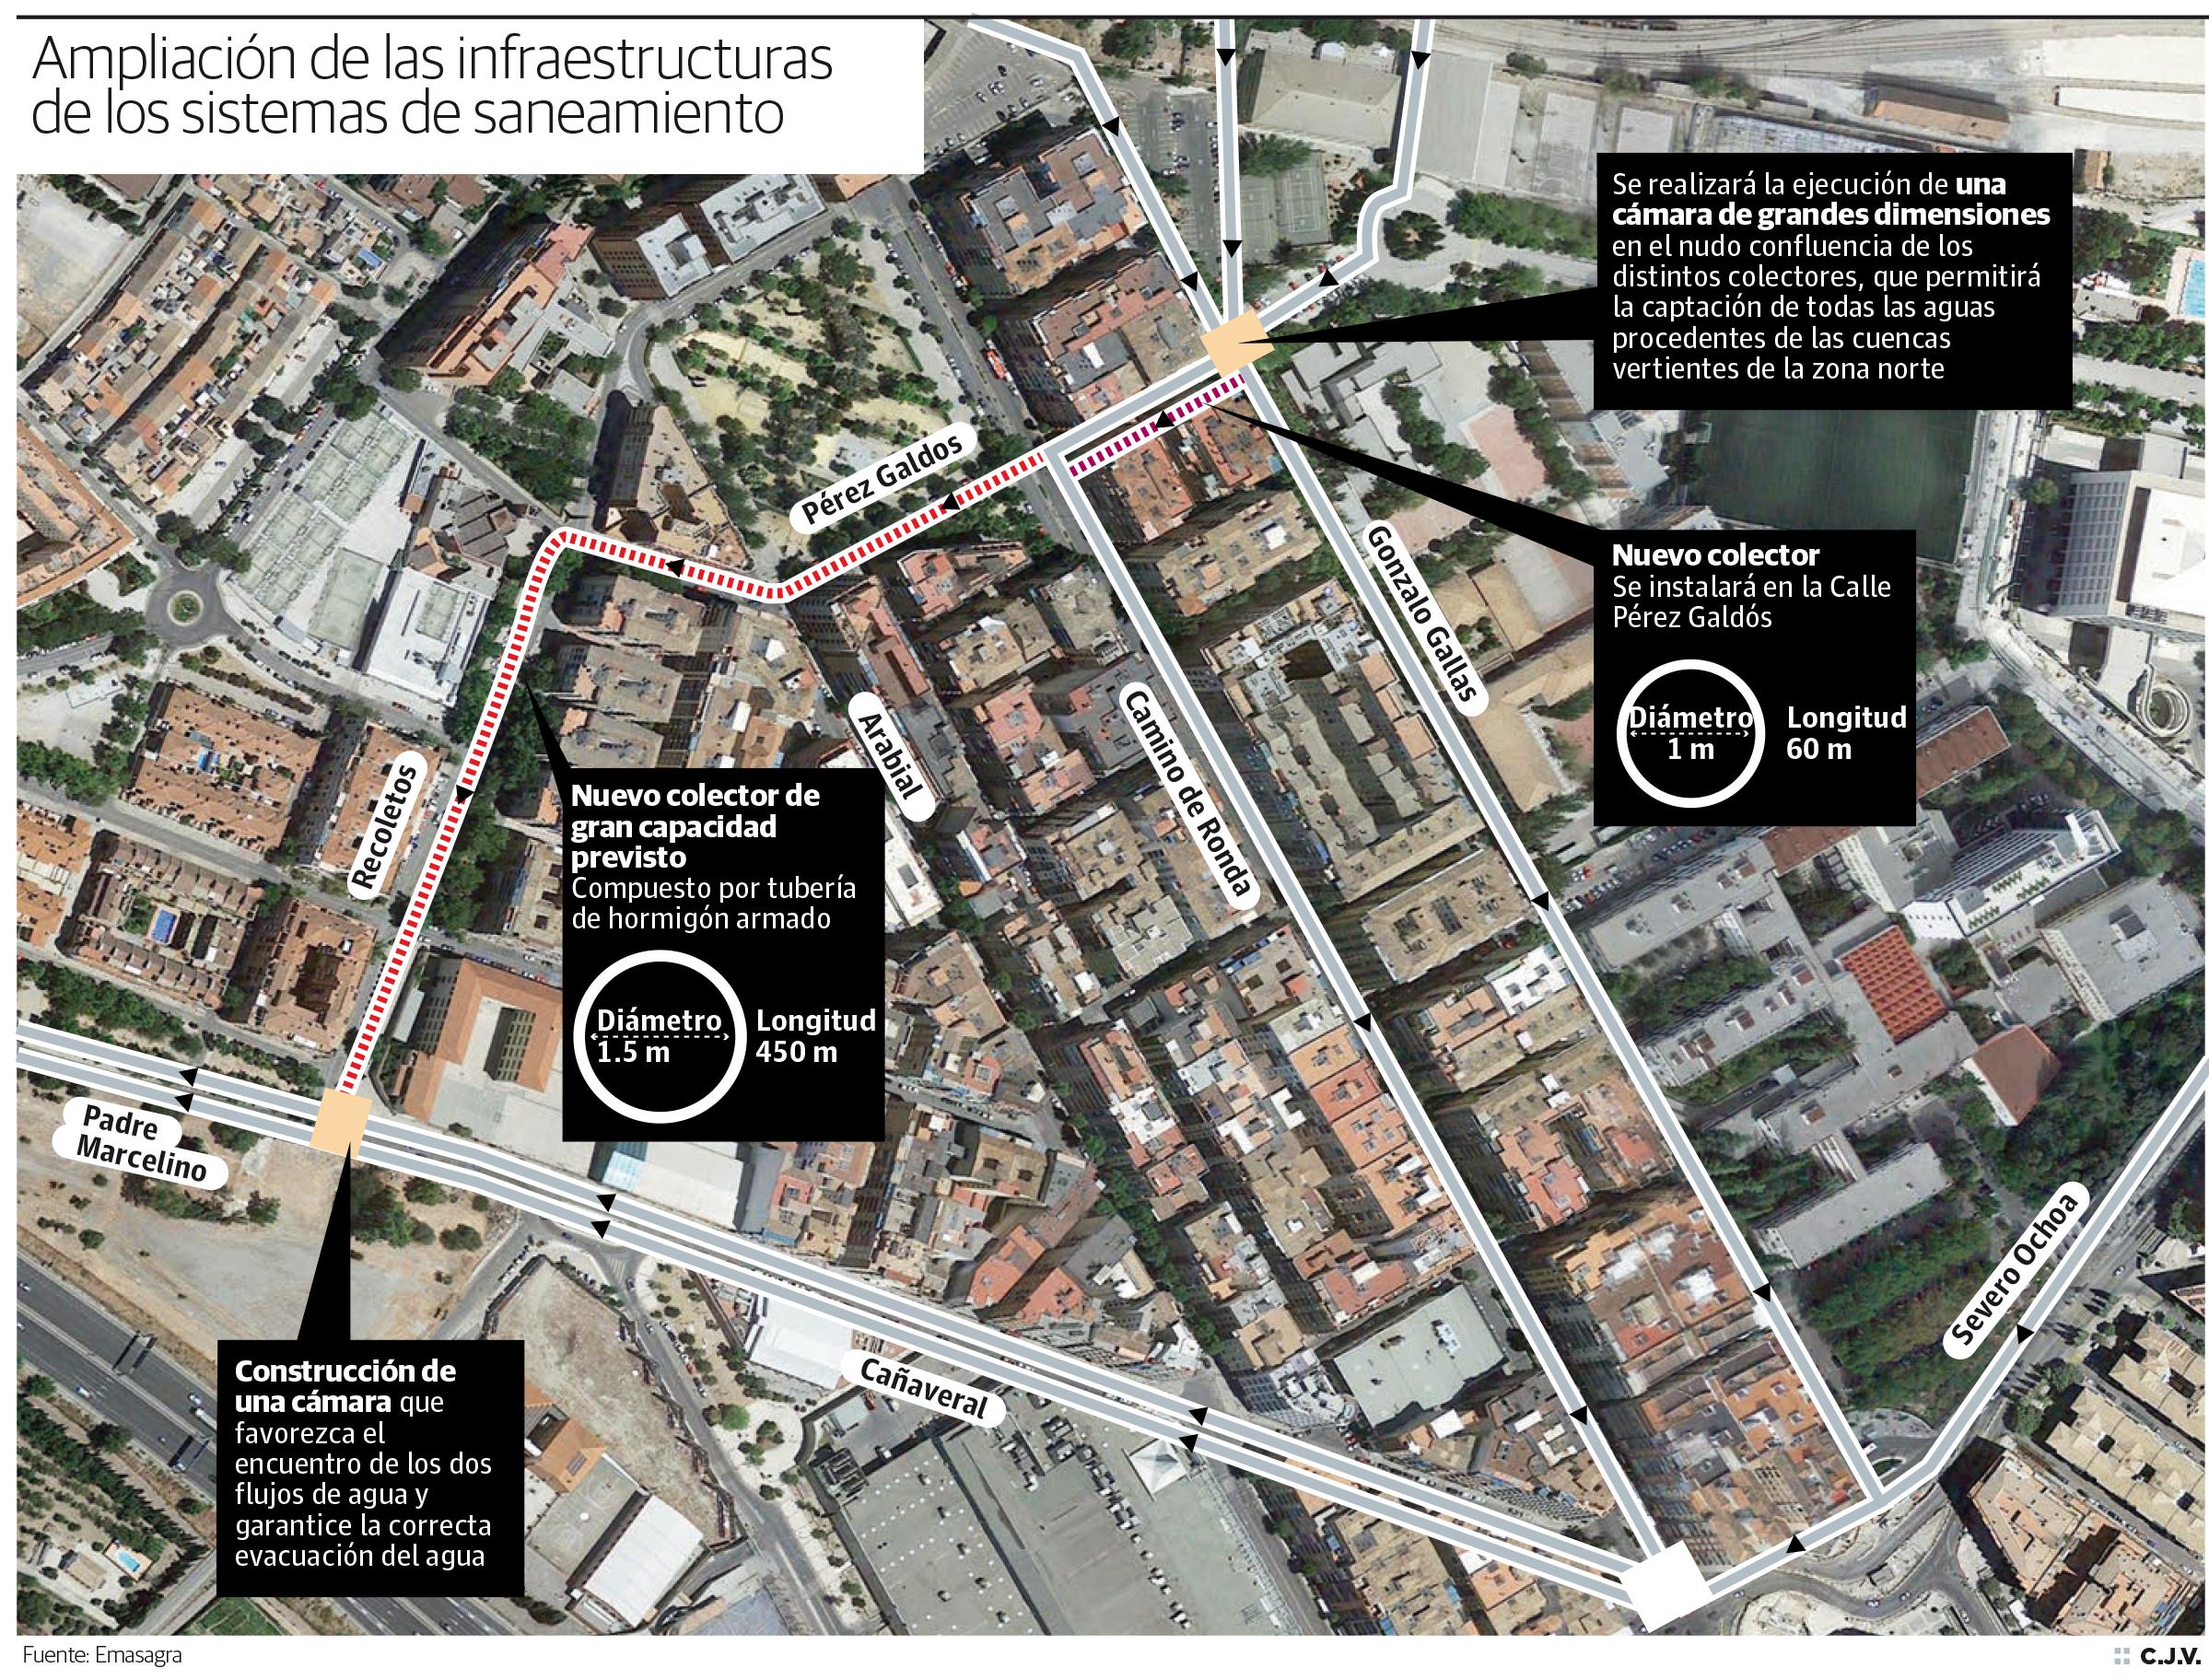 Nuevo colector para evitar las inundaciones en Gonzalo Gallas